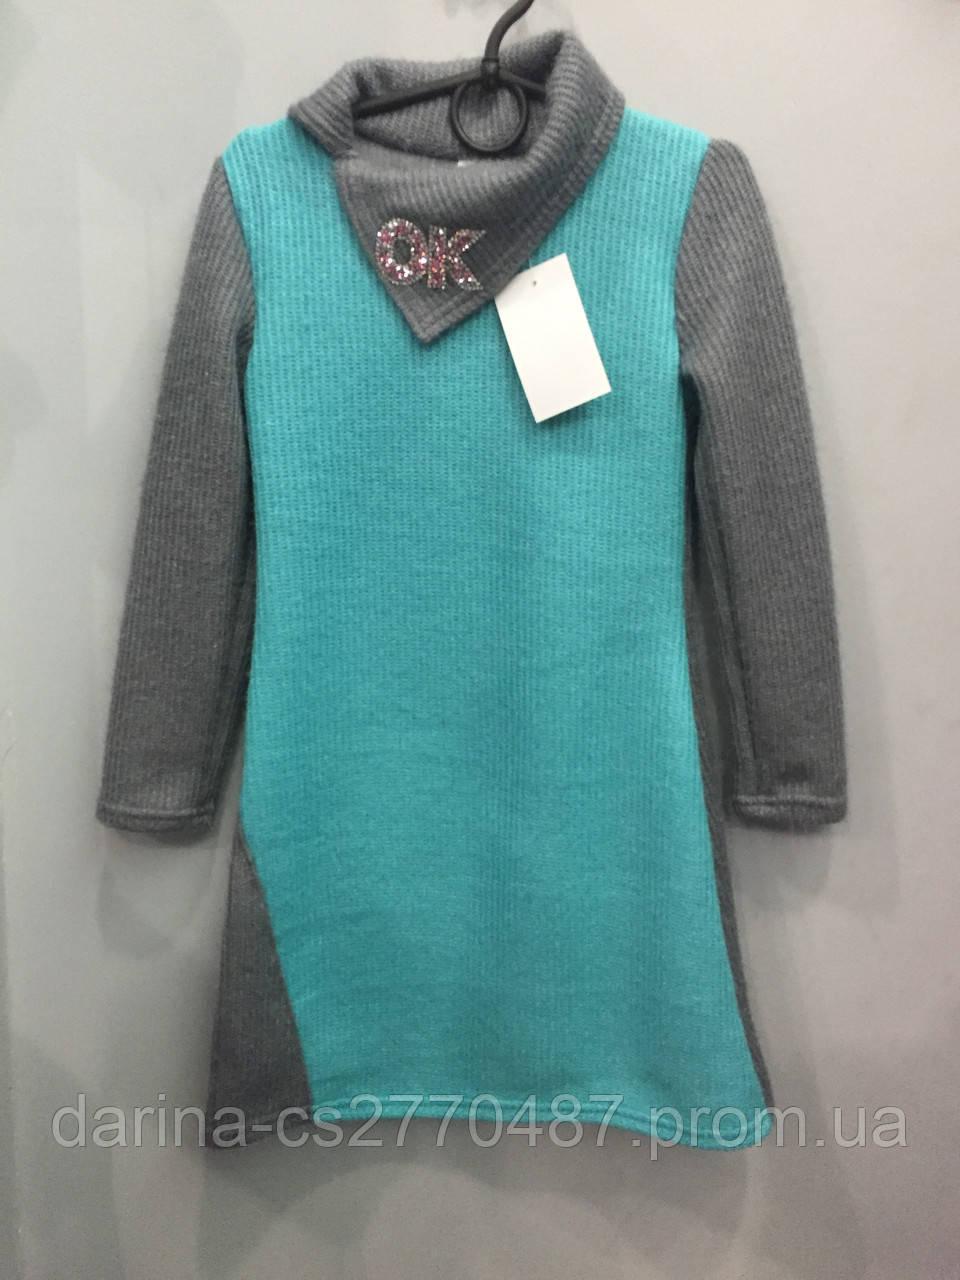 Подростковое теплое платье для девочки 134 см